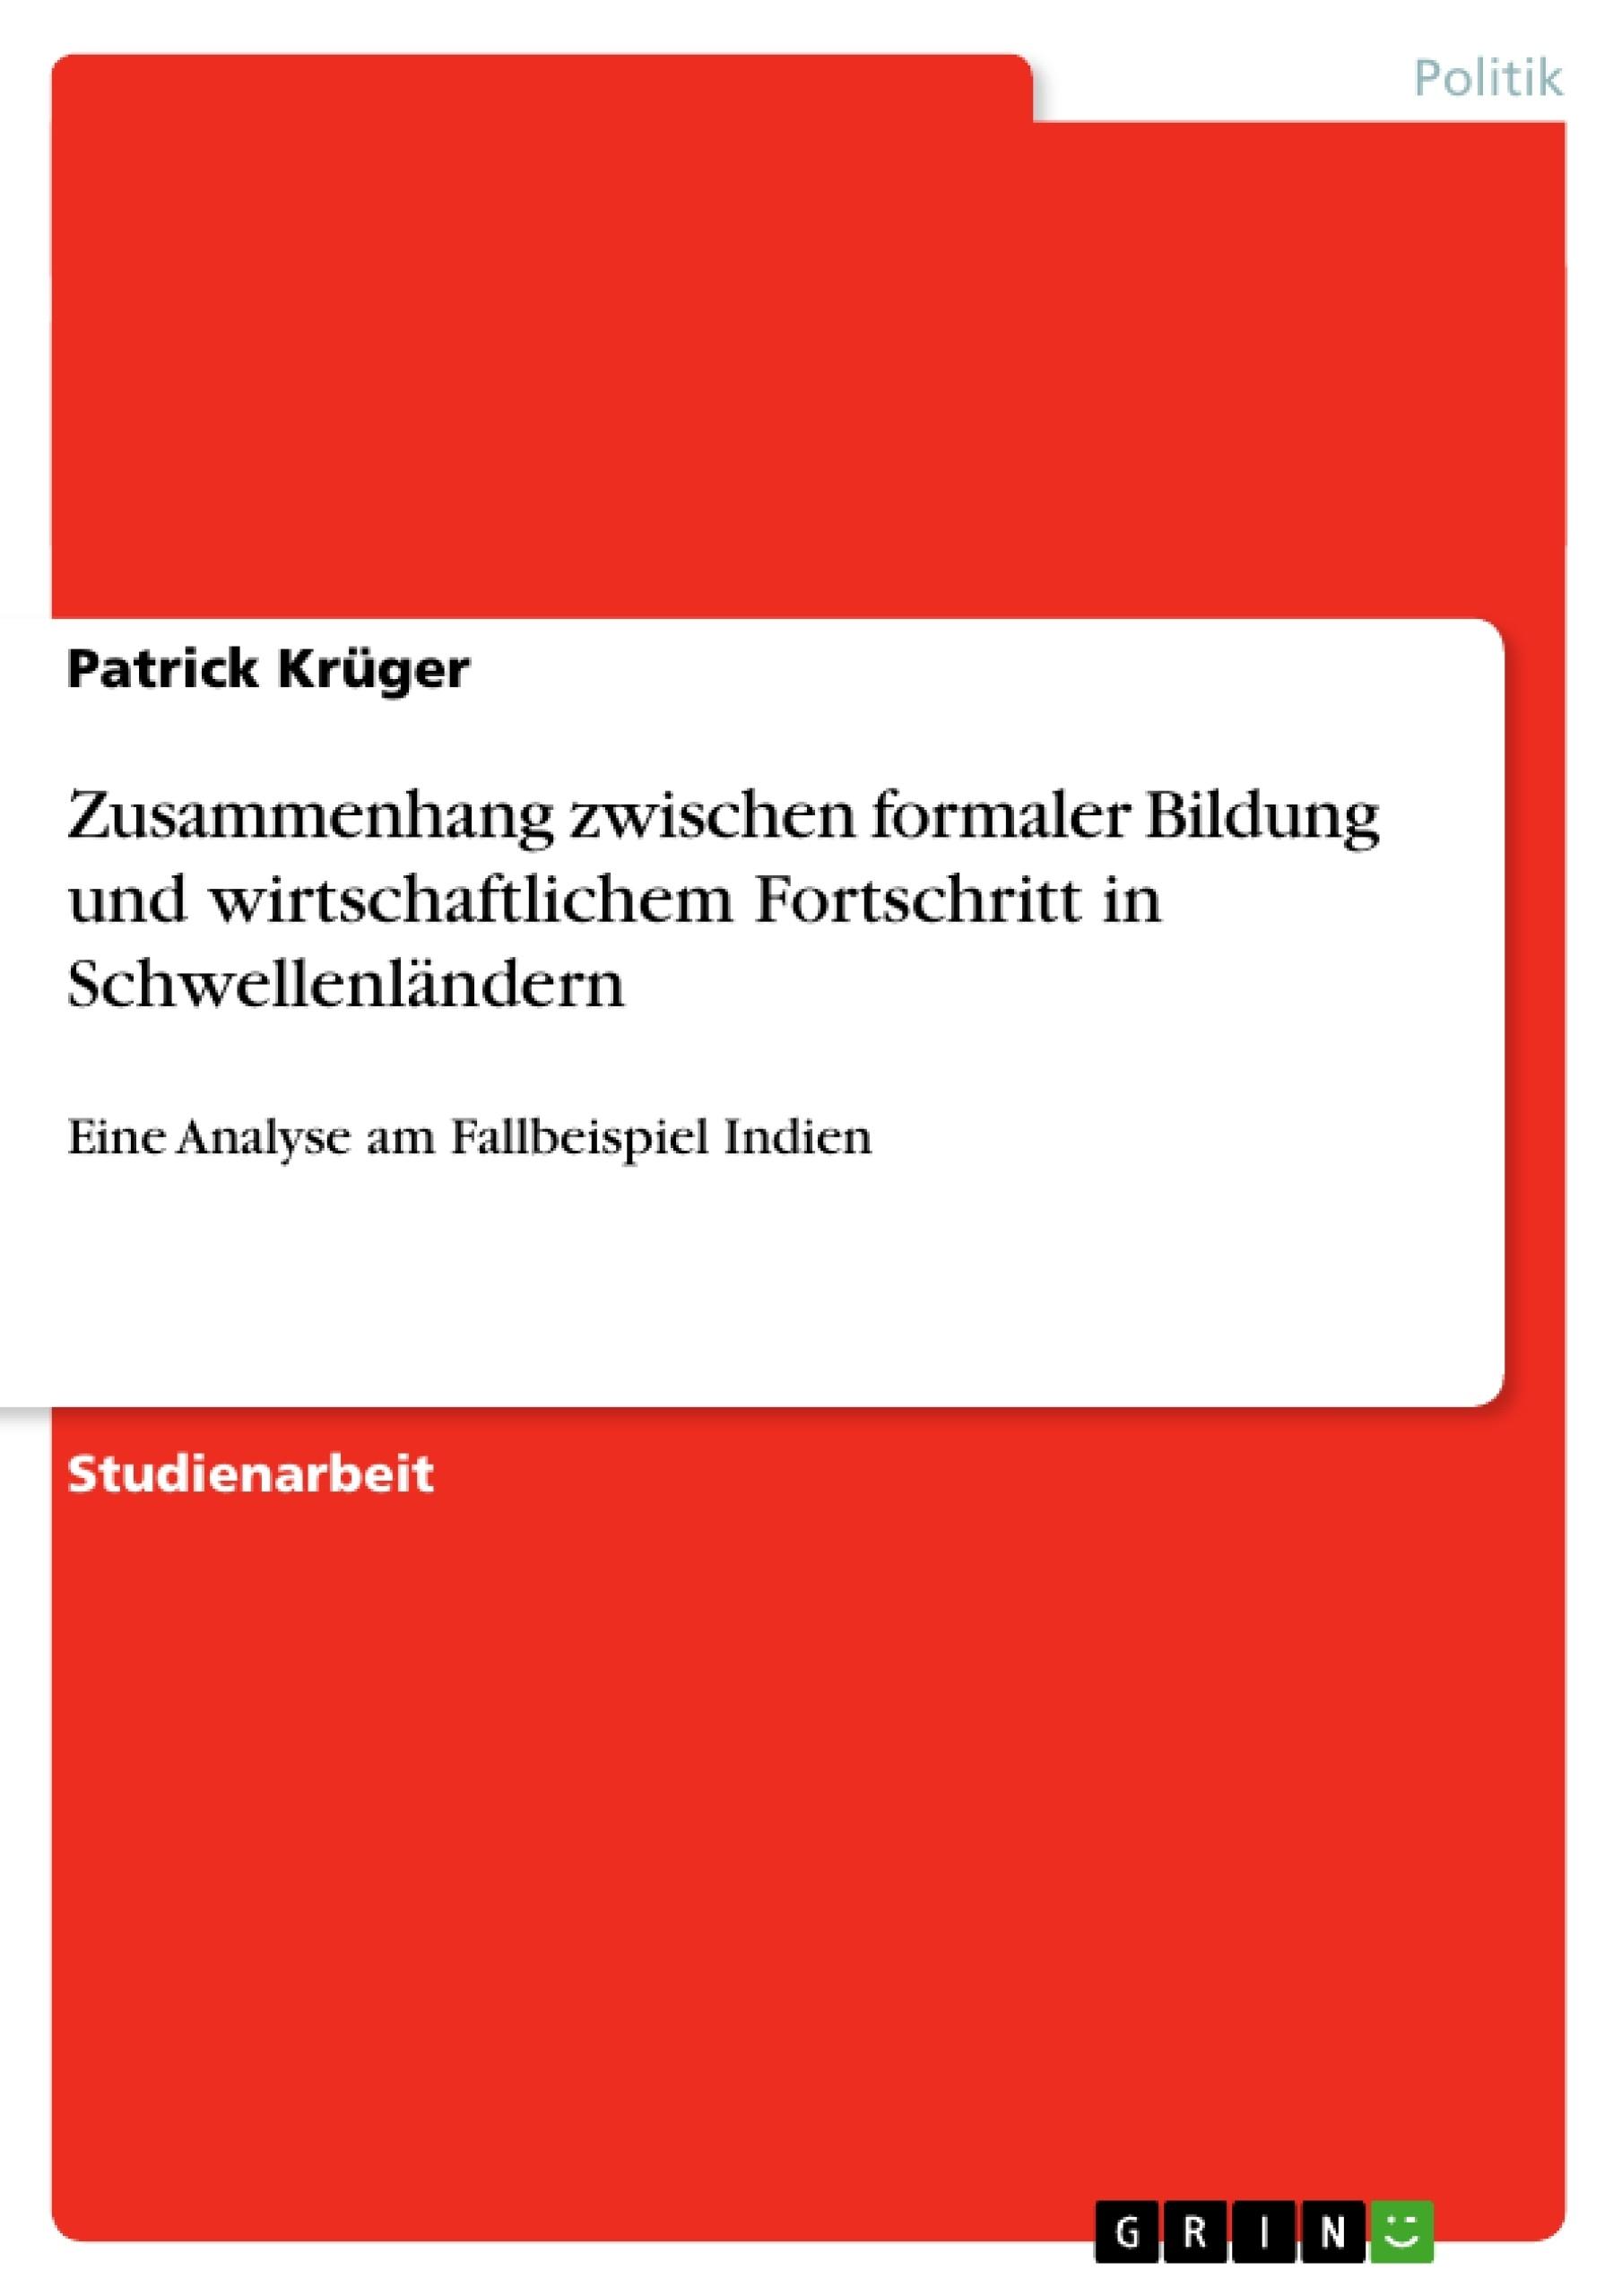 Titel: Zusammenhang zwischen formaler Bildung und wirtschaftlichem Fortschritt in Schwellenländern